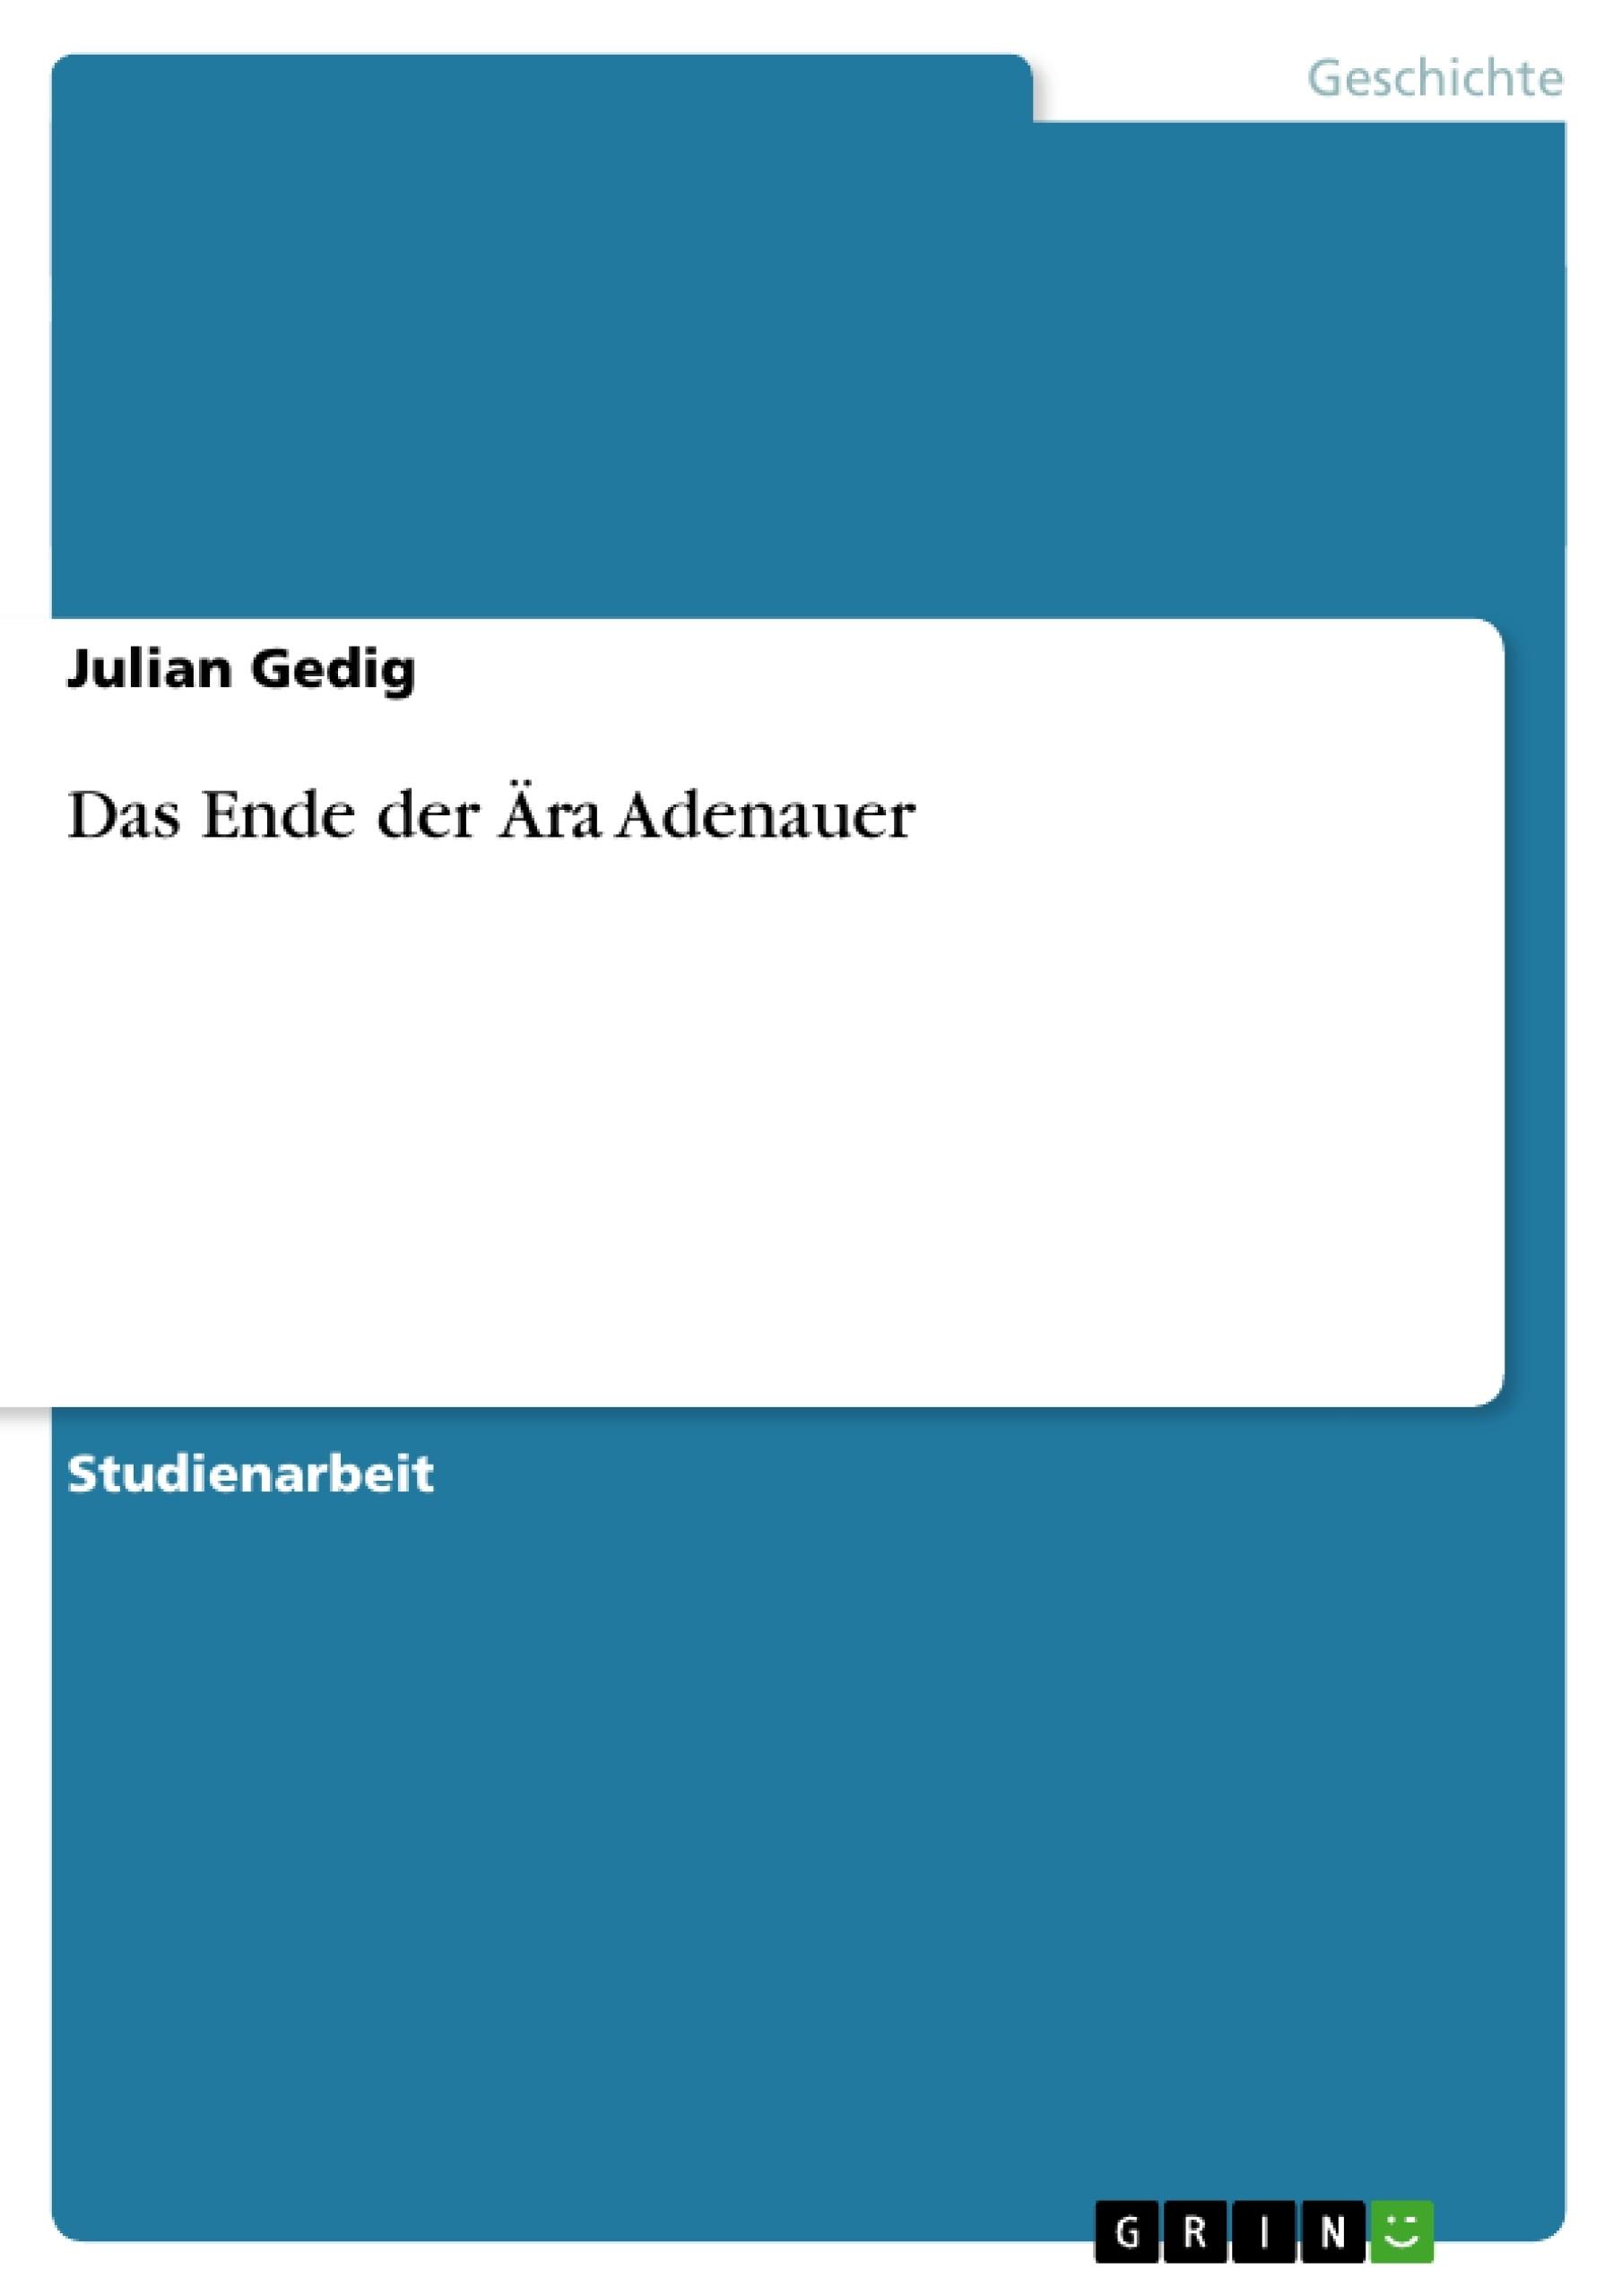 Titel: Das Ende der Ära Adenauer